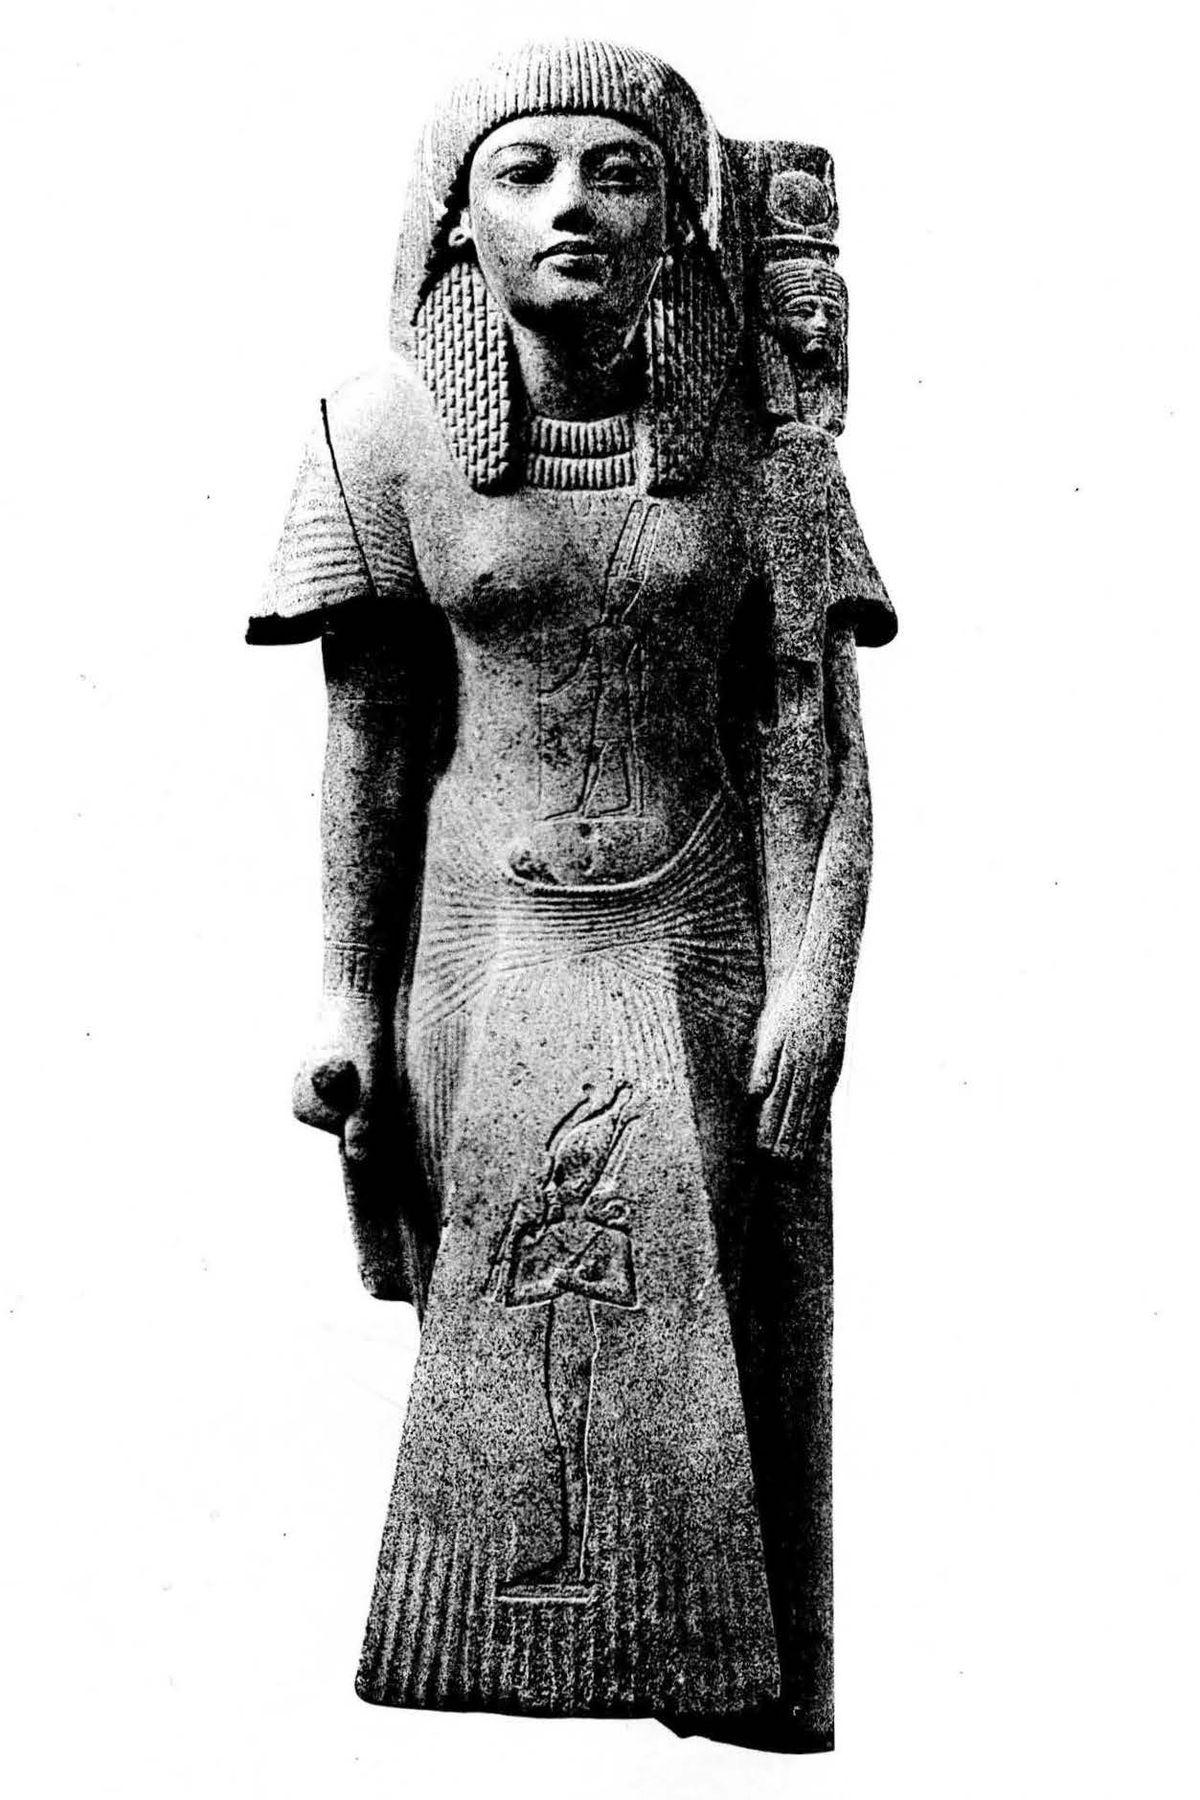 Shoshenq C - Wikipedia